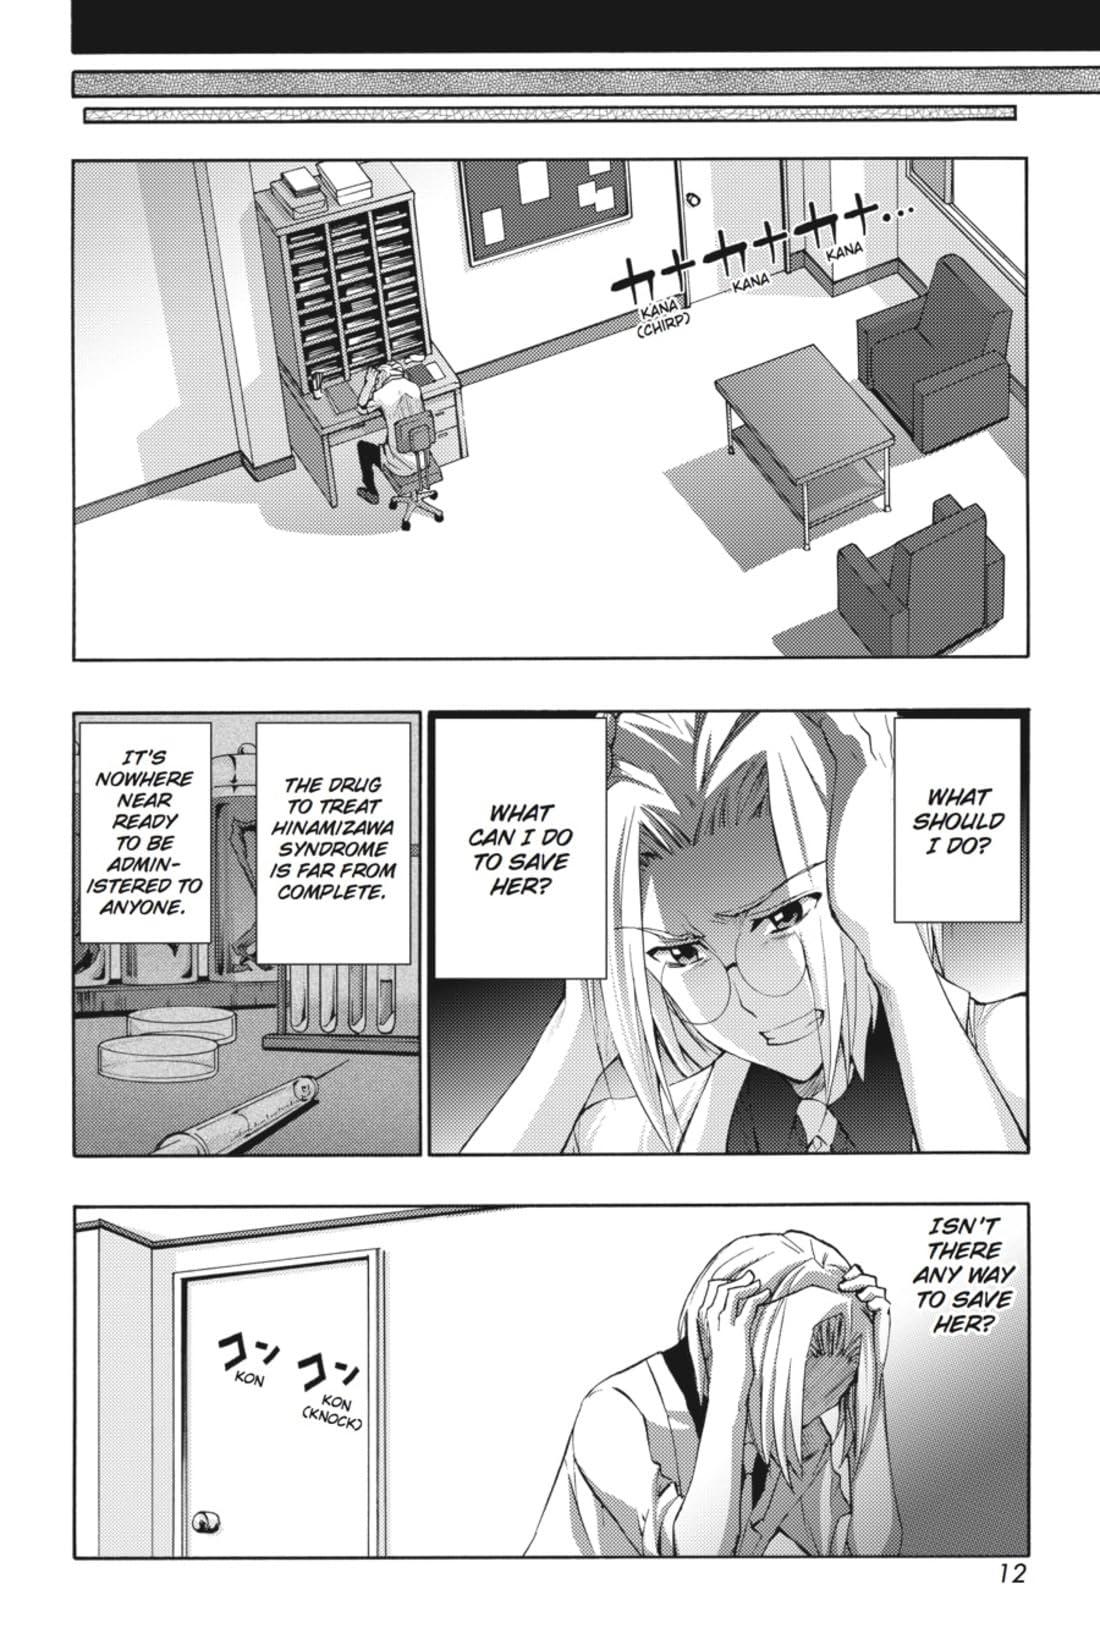 Higurashi When They Cry Vol. 2: Festival Accompanying Arc